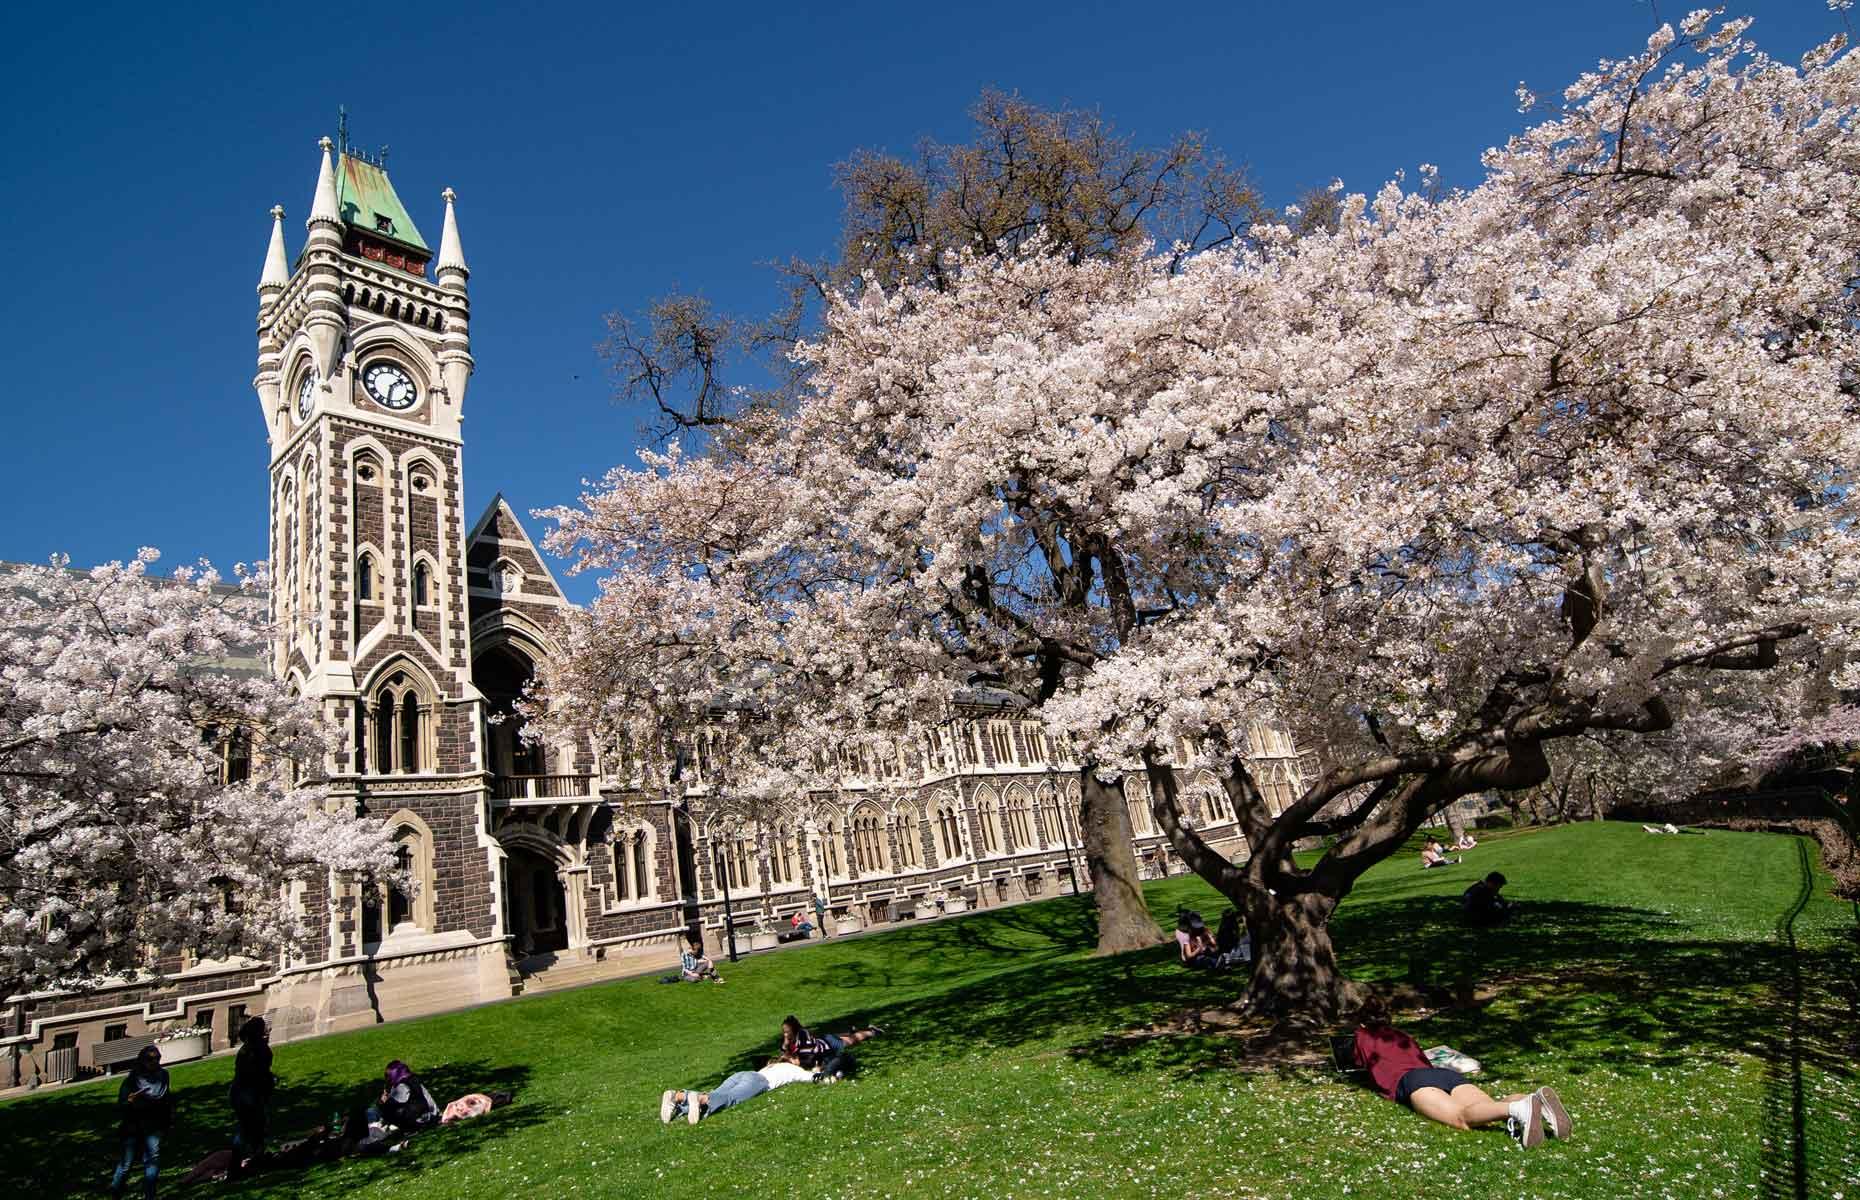 Spring in Dunedin